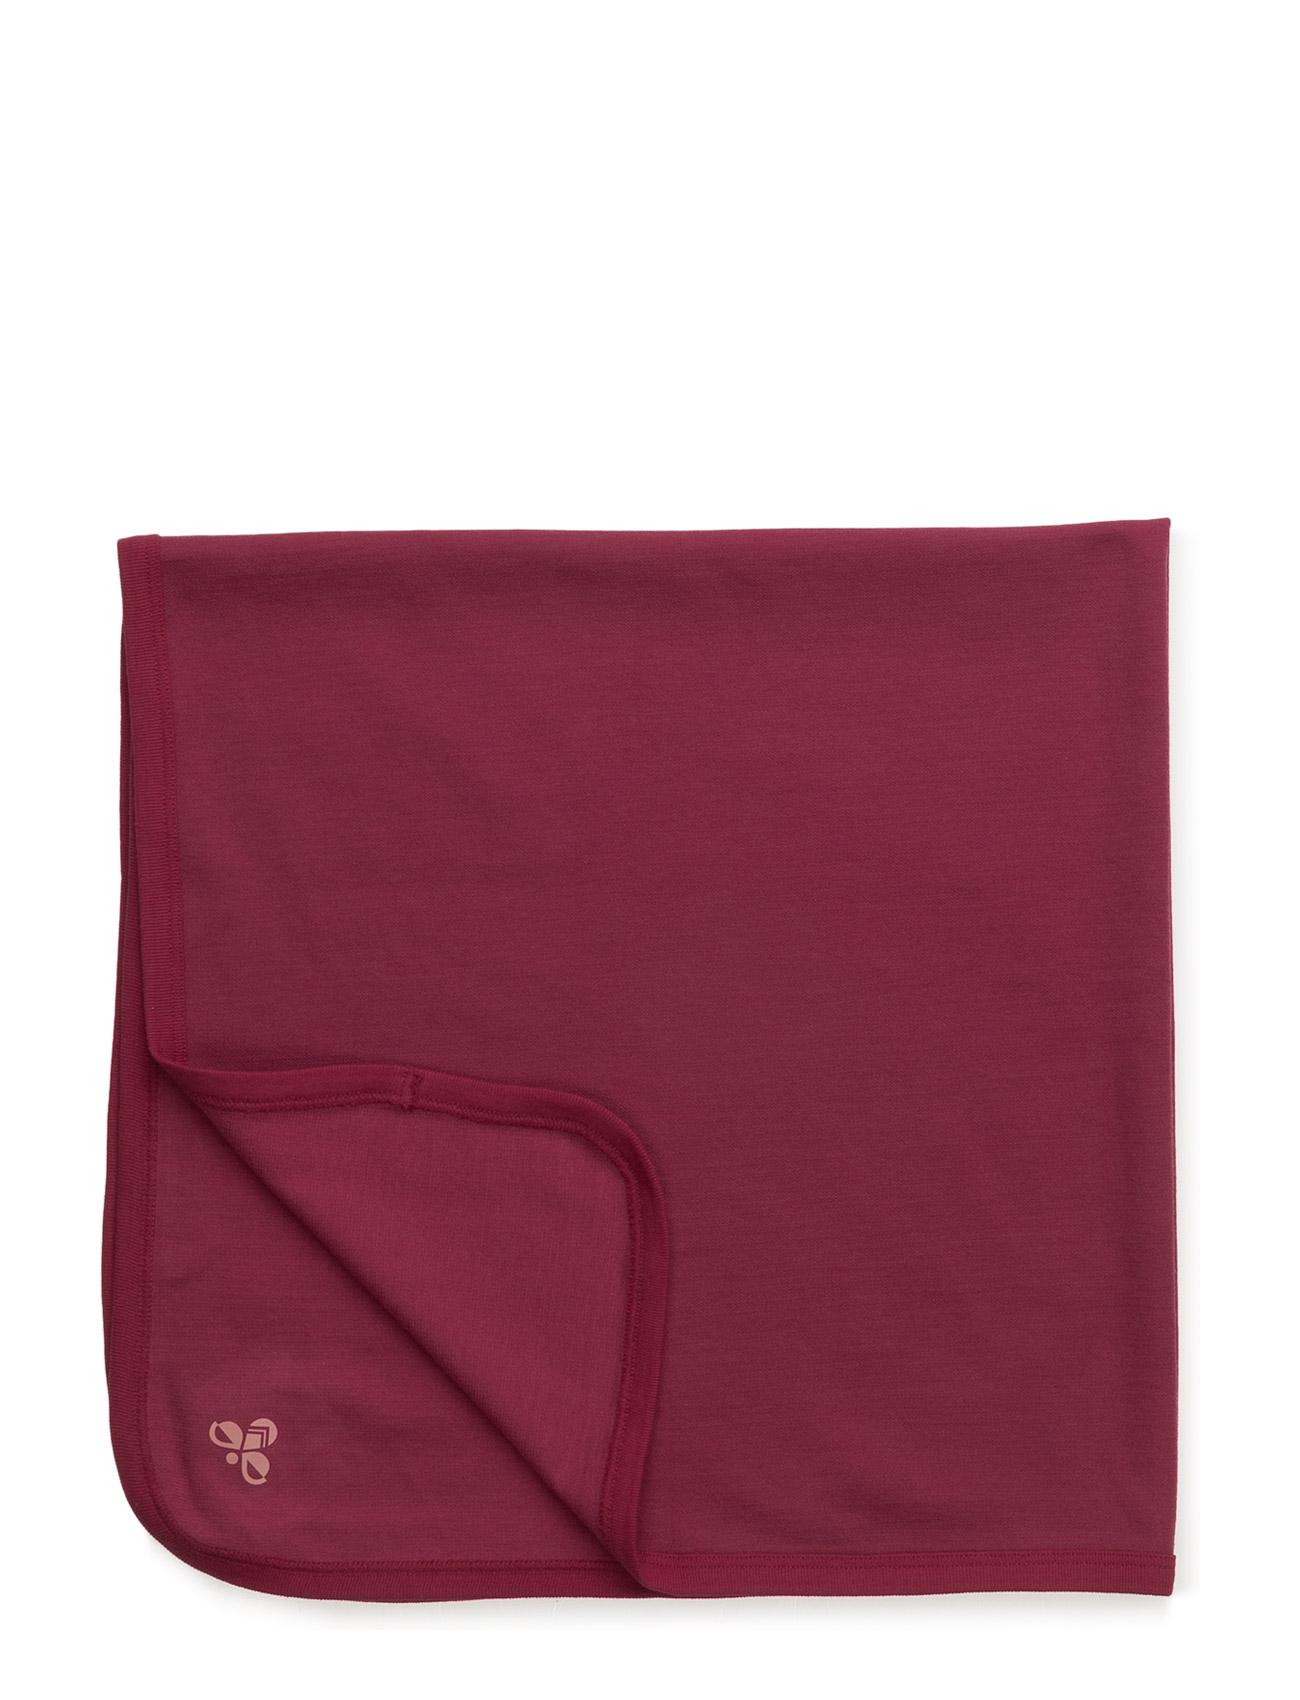 Wool Blanket Hummel Accessories til Piger i Sangria